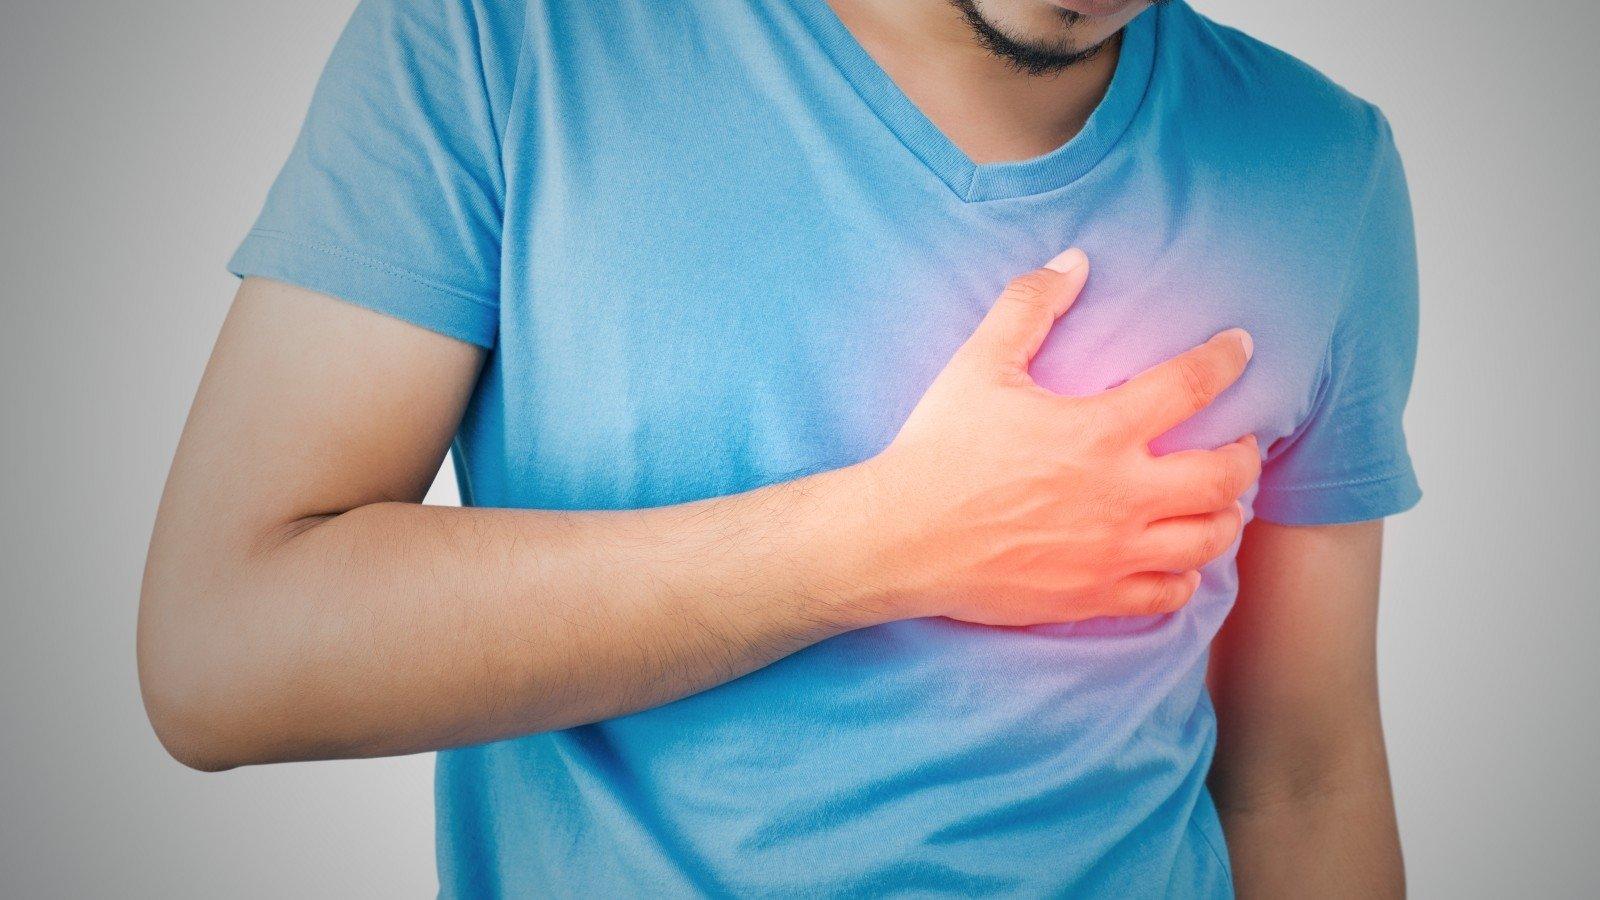 Mi köze a magas vérnyomáshoz? - Diagnostics